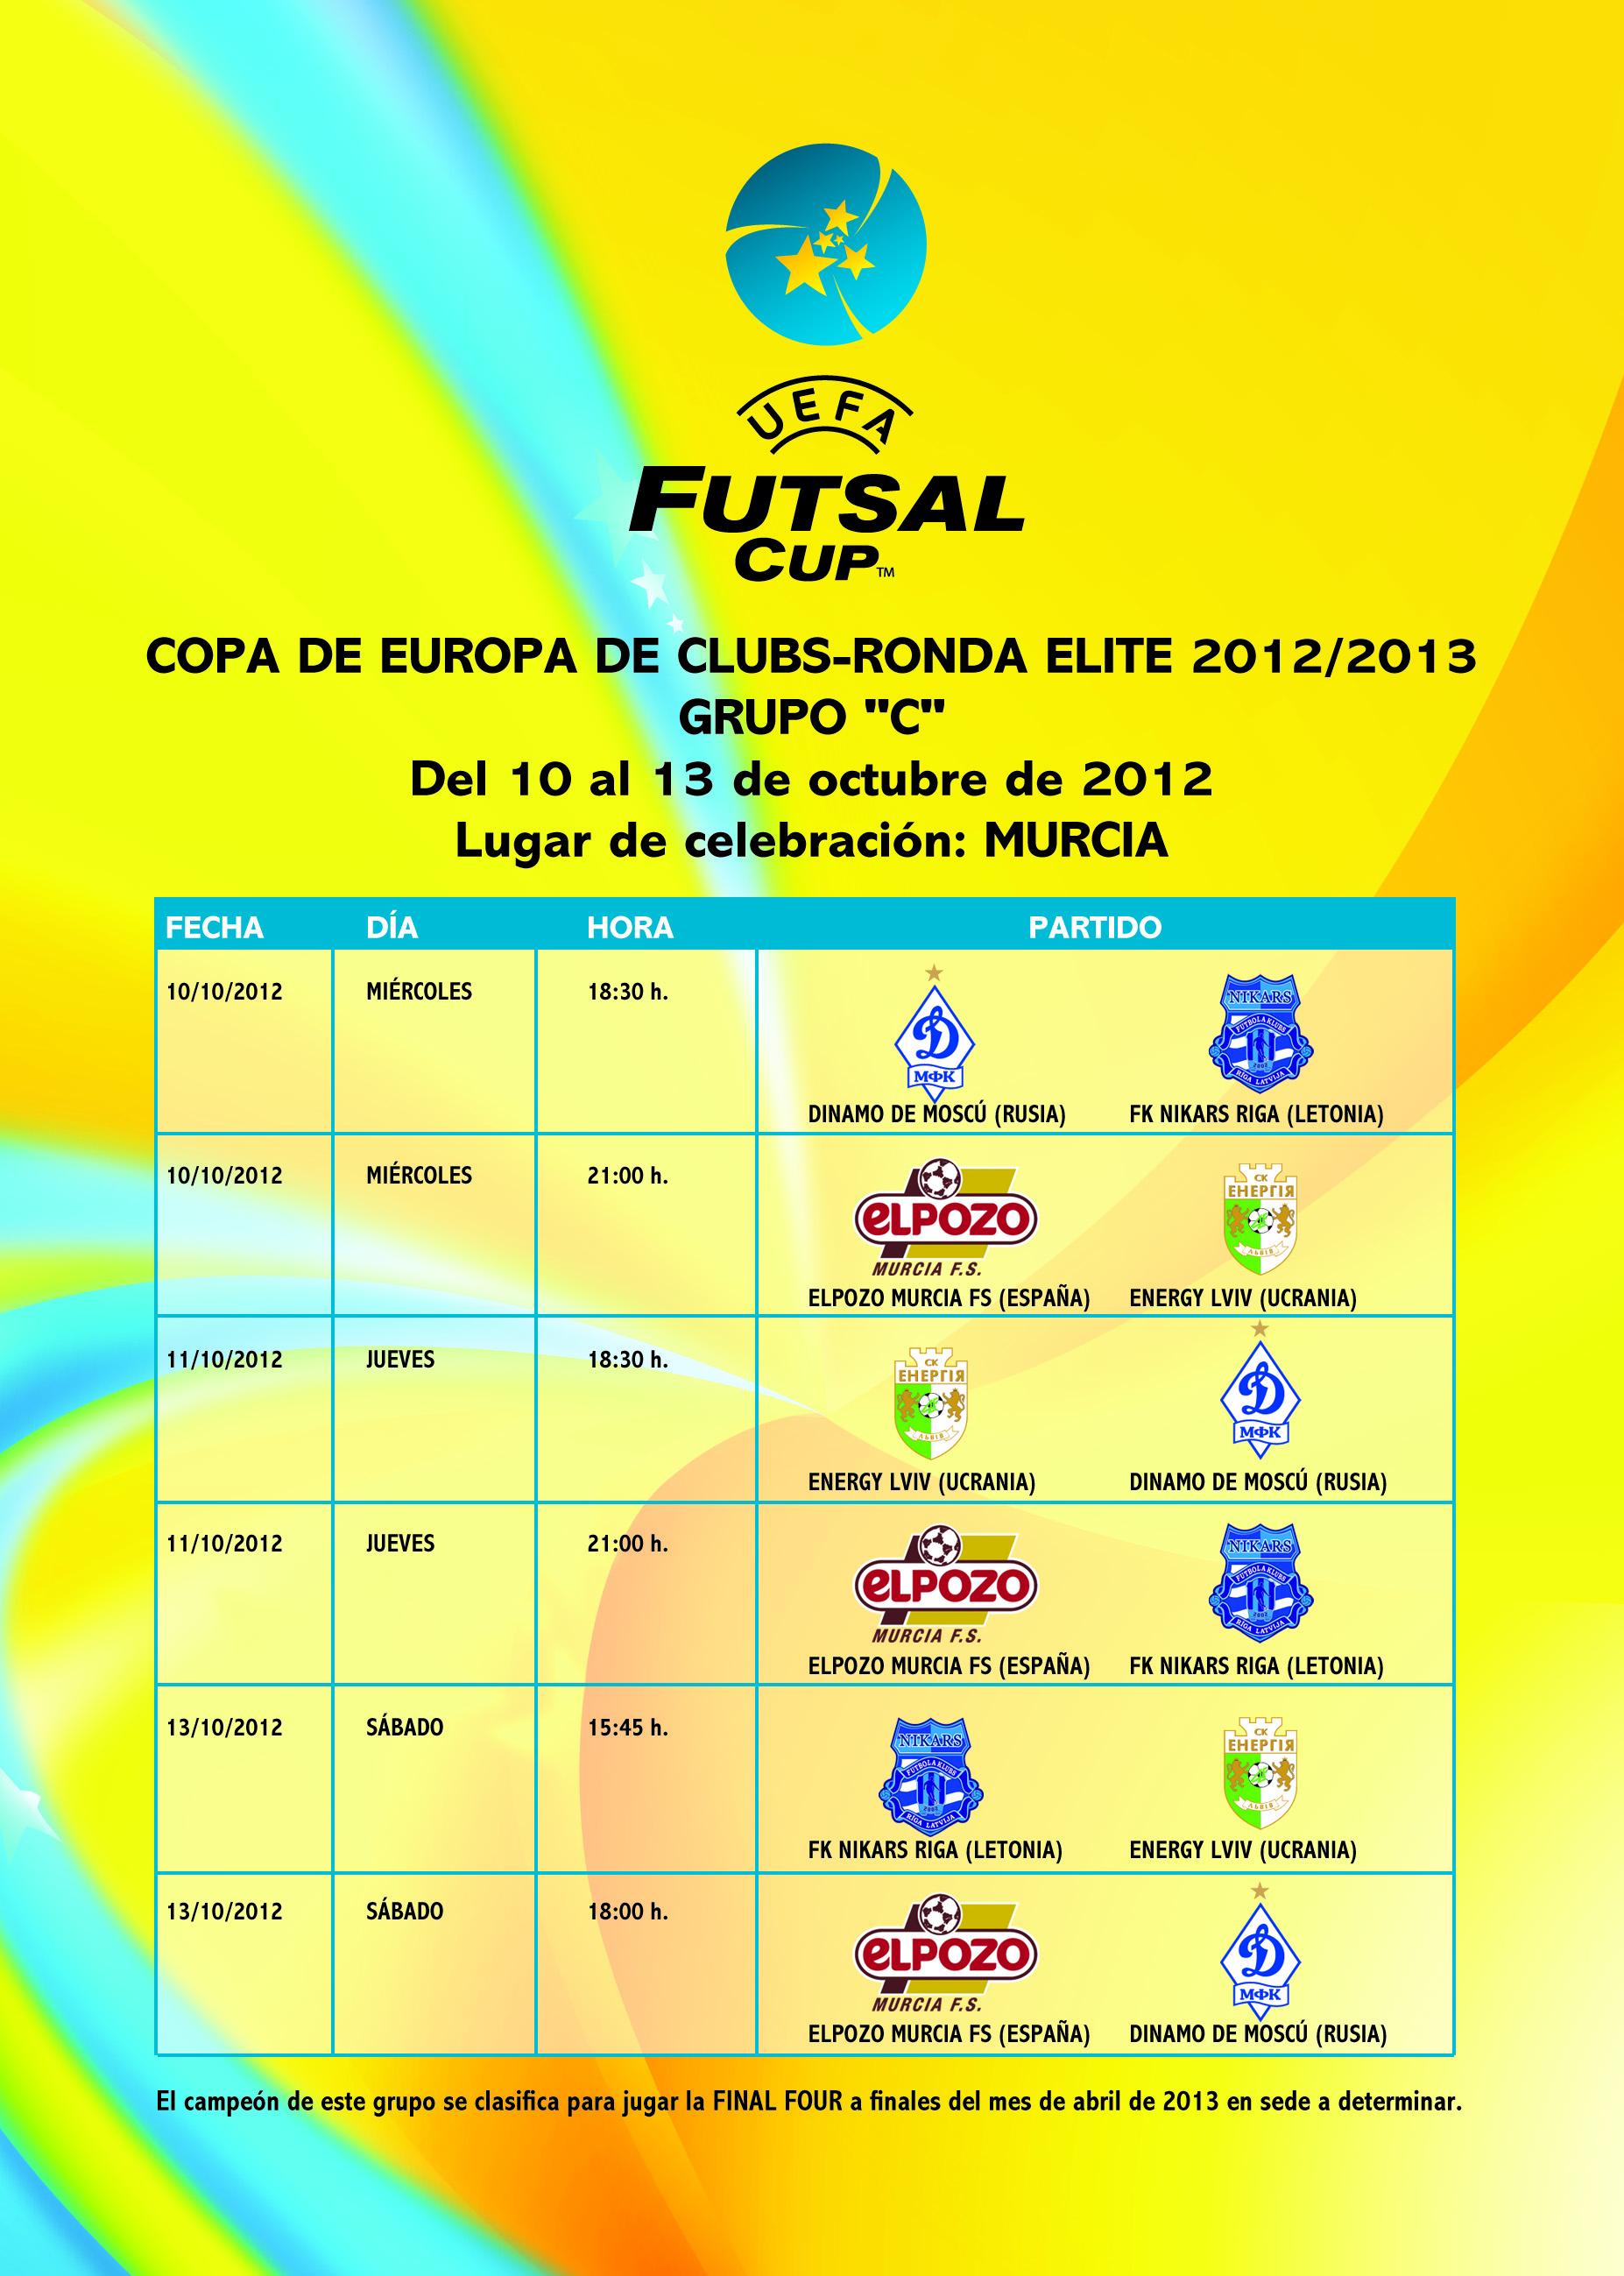 ElPozo Murcia presenta los abonos para la Ronda Élite de la UEFA Futsal Cup